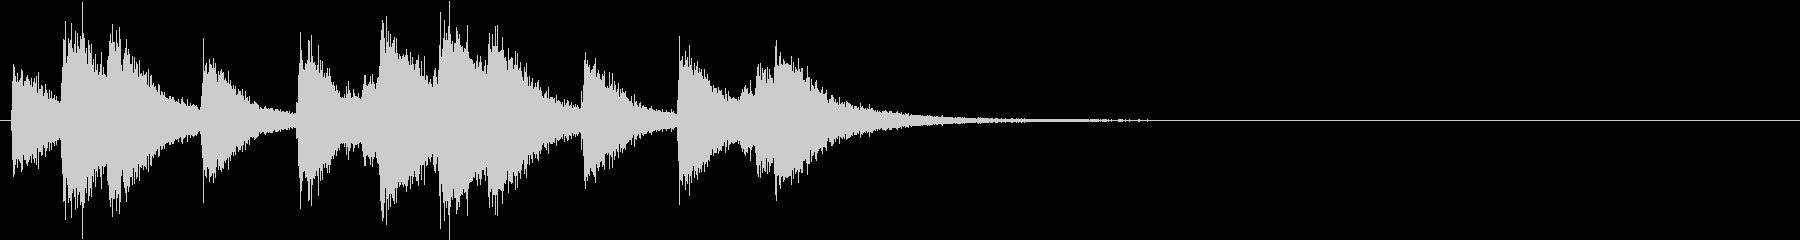 韓国の派手なシンバルのフレーズ音+FXの未再生の波形